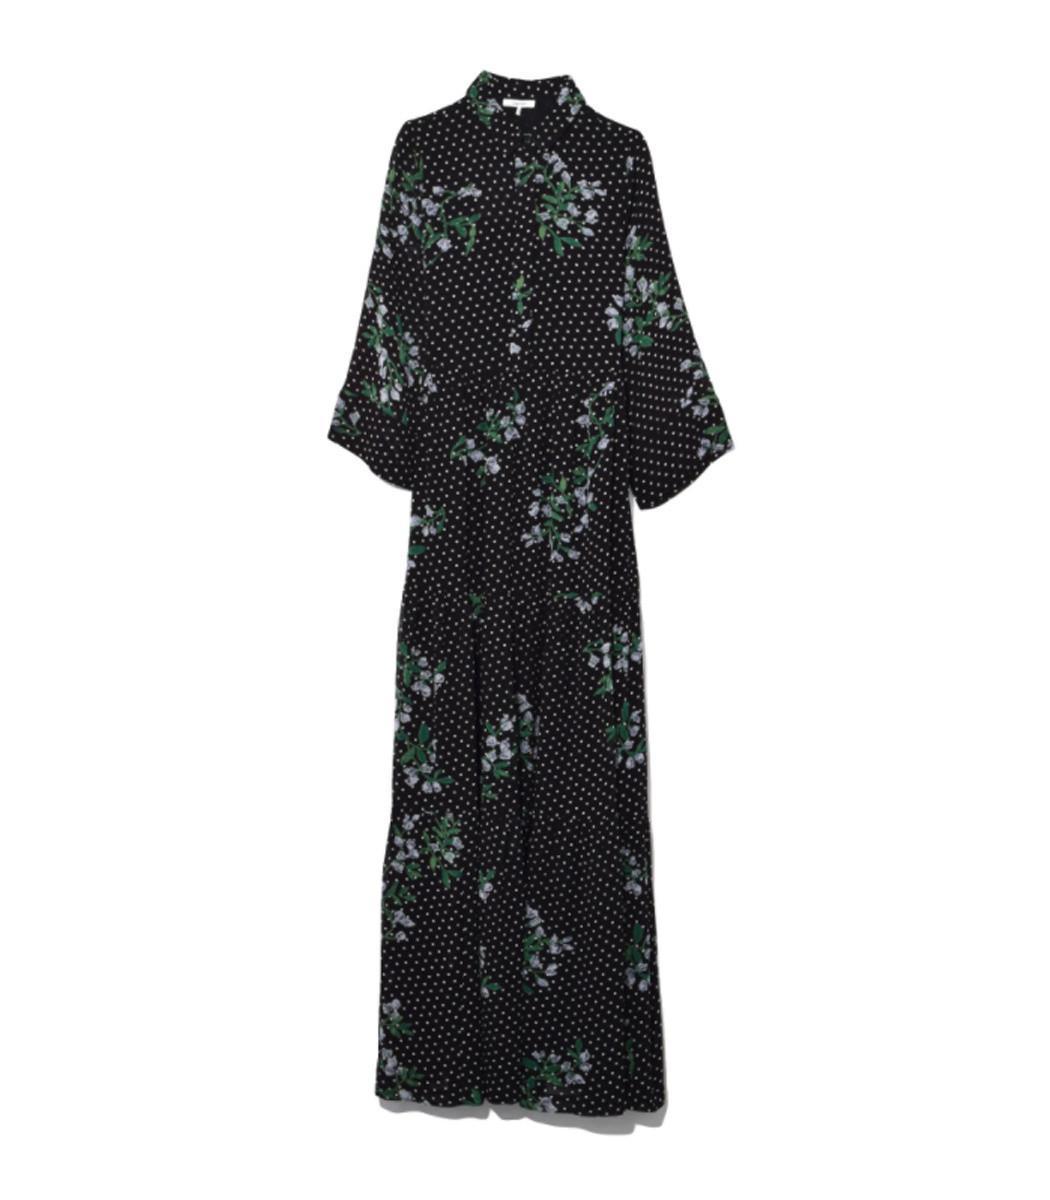 c5d19b7a4d1f Ganni Black Rometty Georgette Dress in Black - Lyst